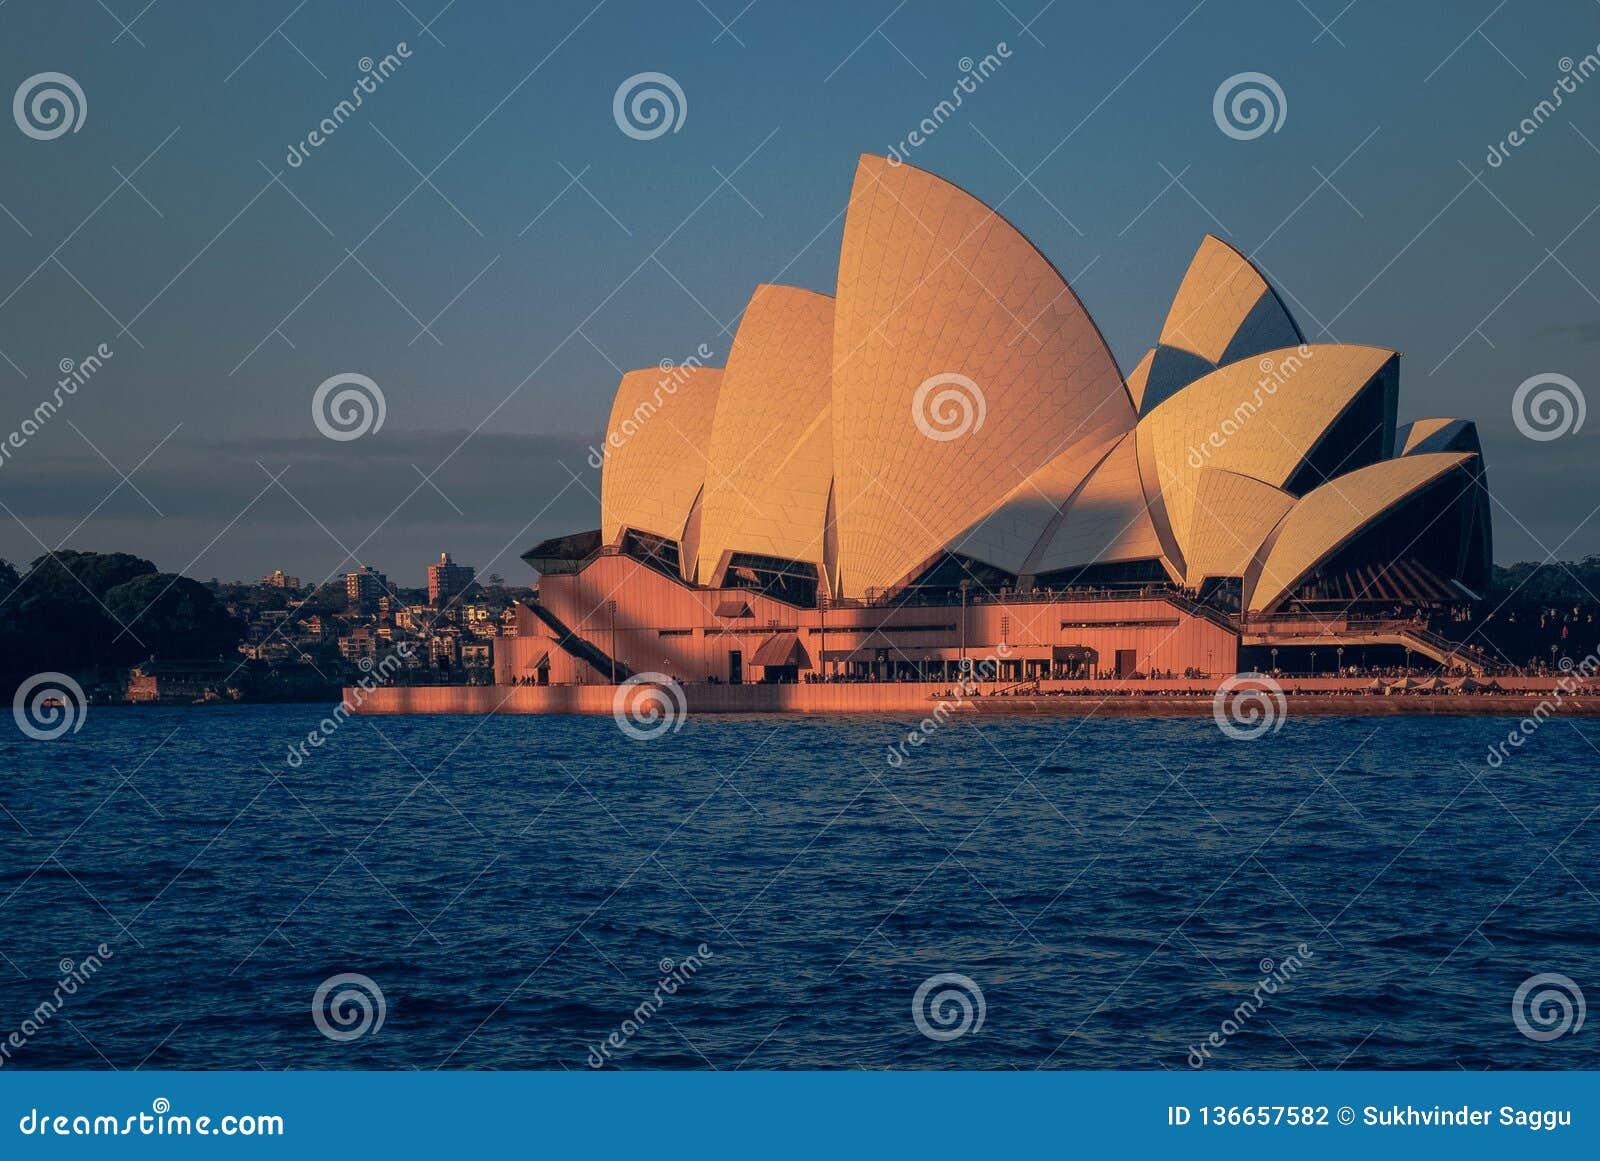 Όπερα κατά τη διάρκεια του ηλιοβασιλέματος που στέκεται στην μπλε ωκεάνια γραμμή ακτών και ουρανού στο Σίδνεϊ μια θερινή ημέρα